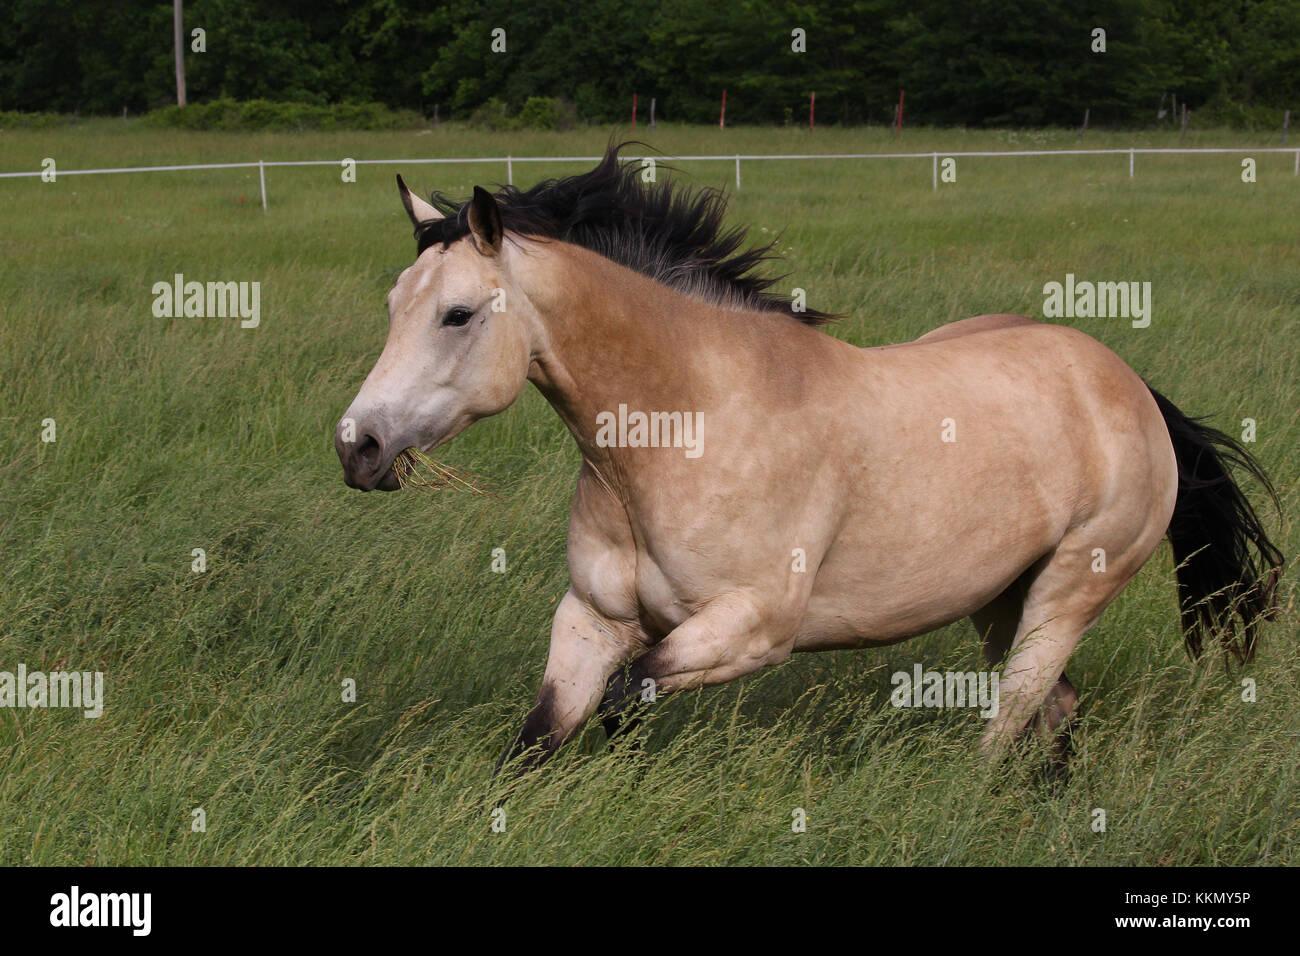 Quarter horse Stockbild